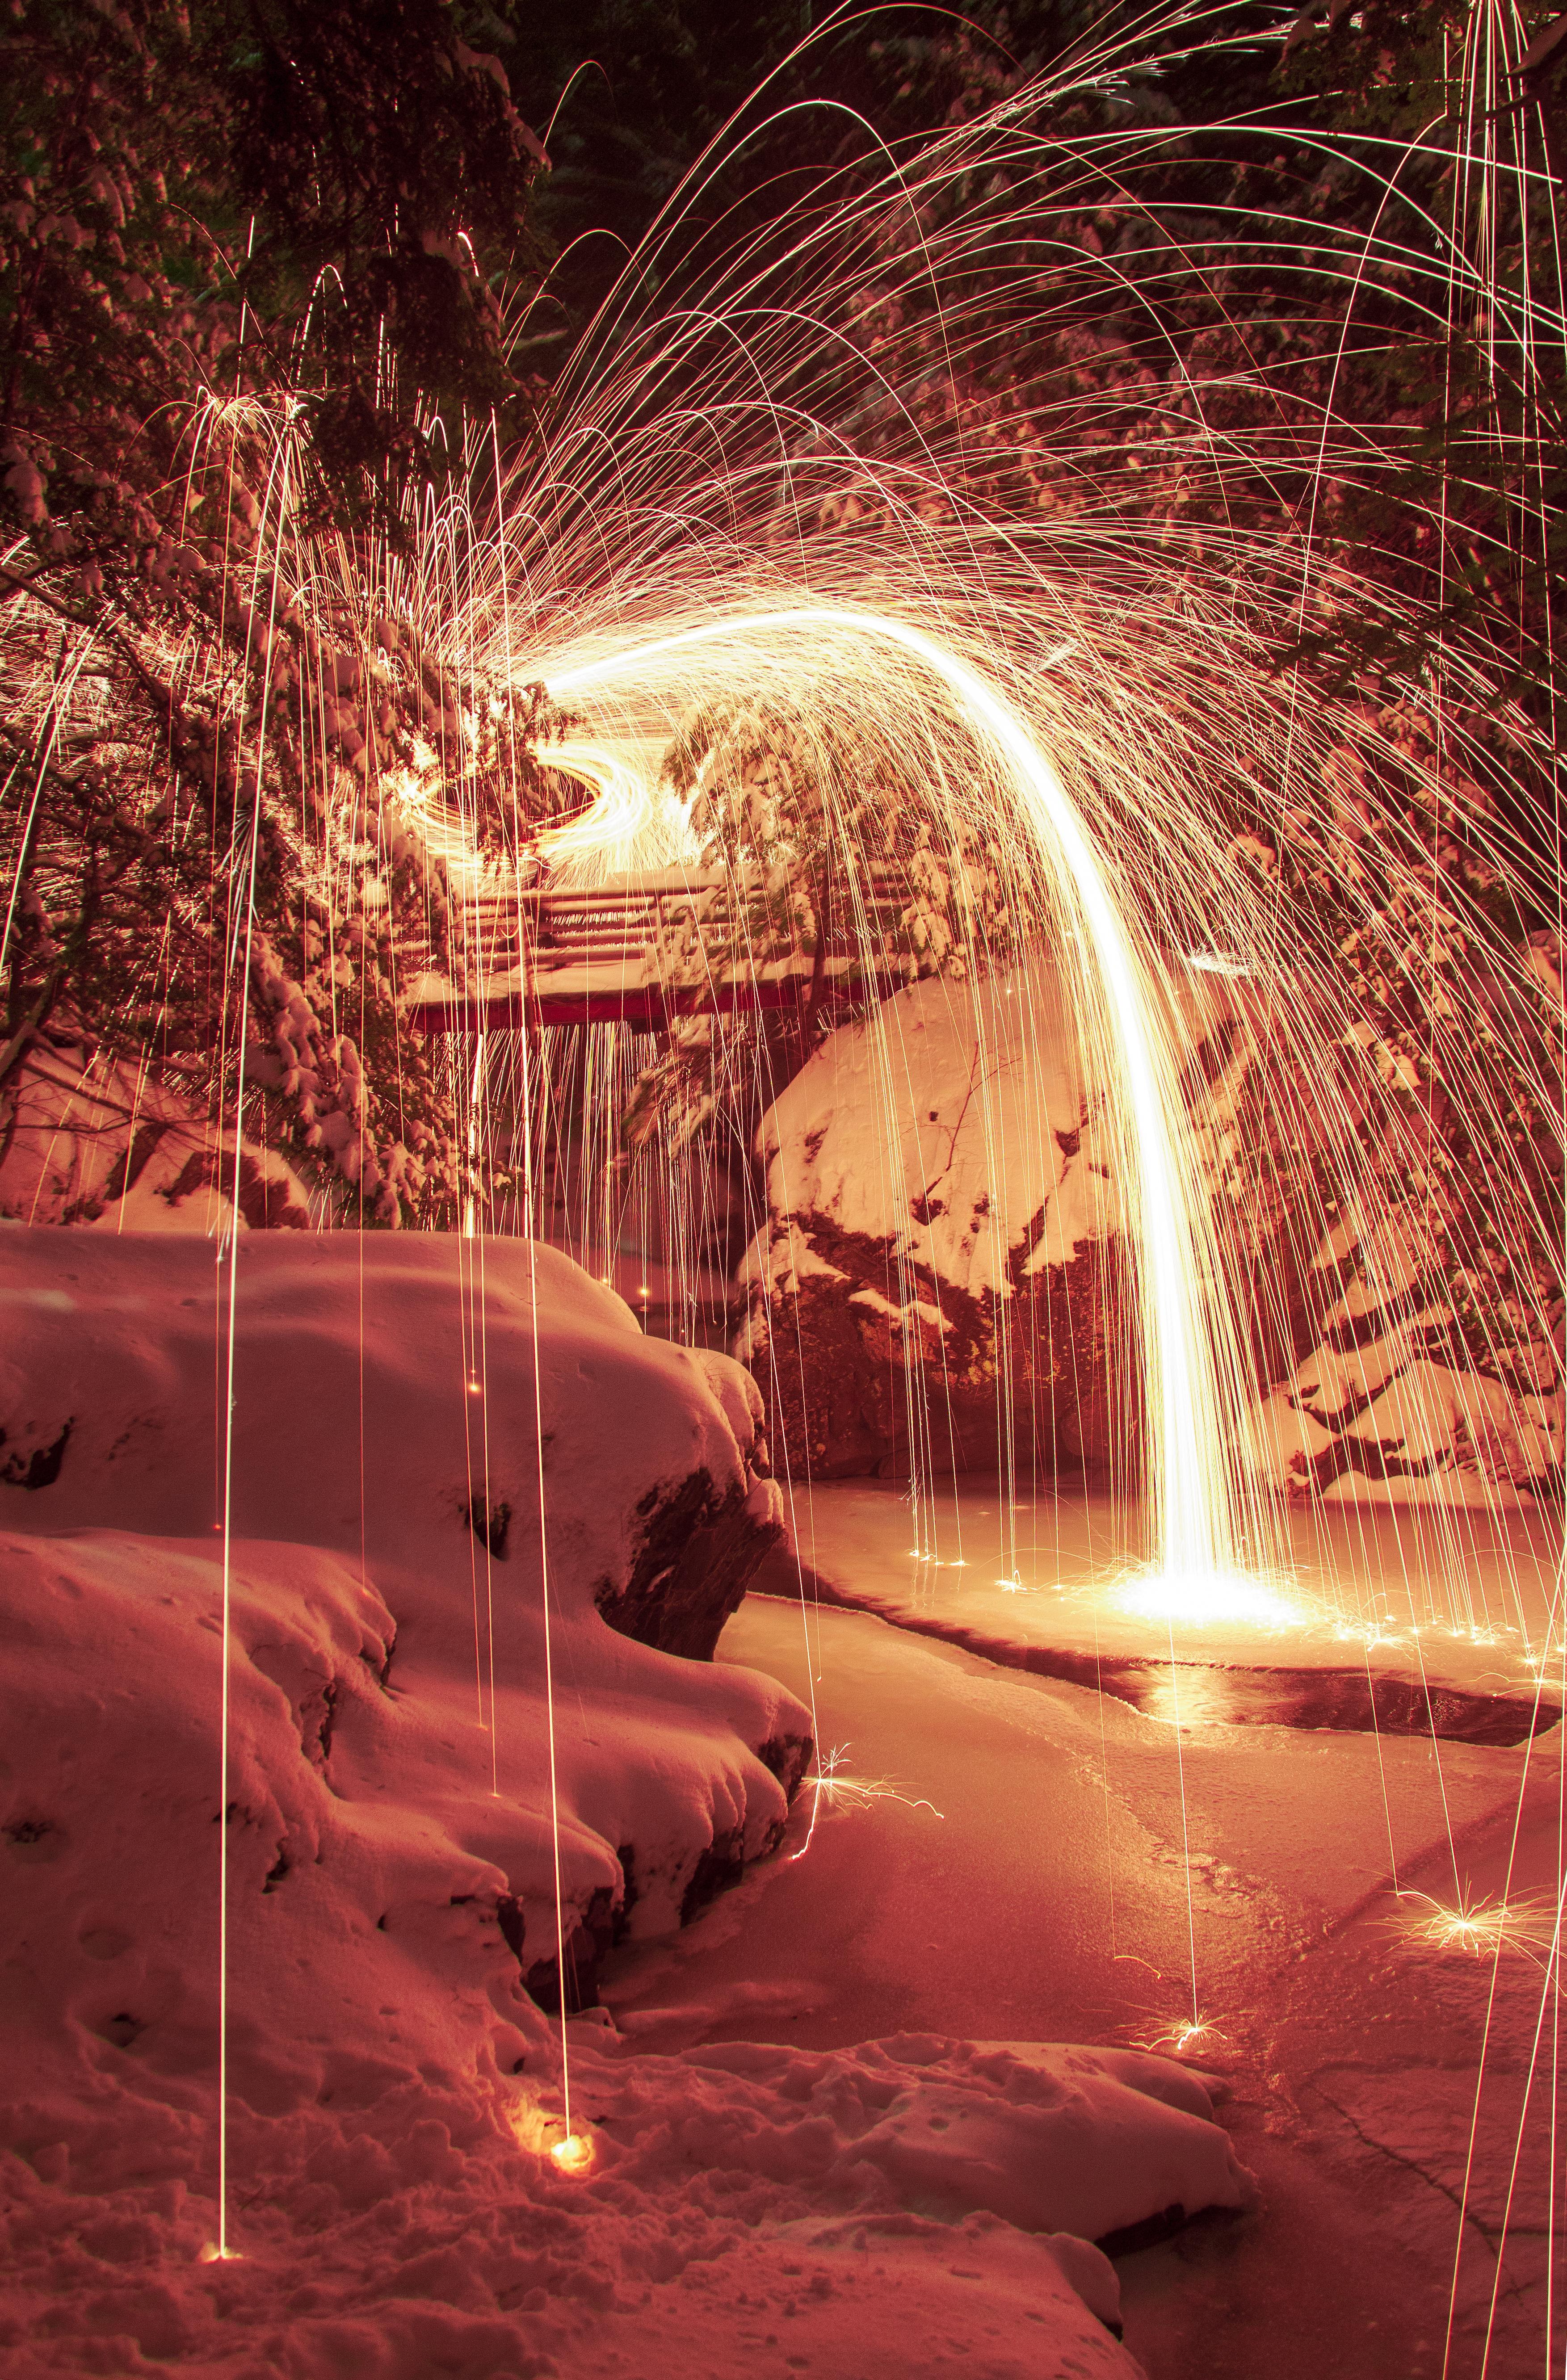 Falls of Flames